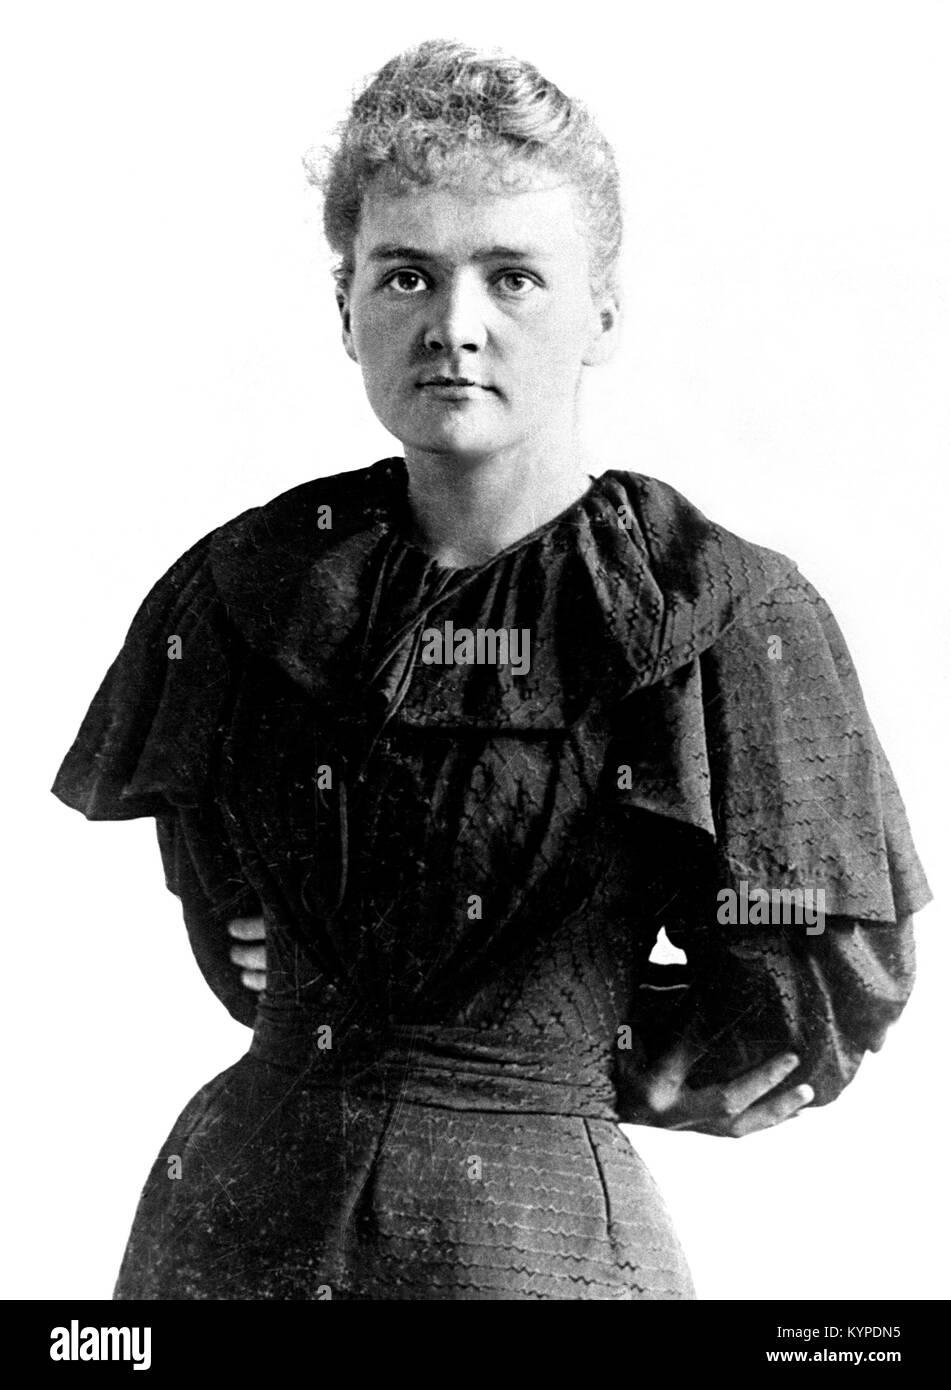 Marie Curie. Mit dem Nobelpreis ausgezeichneten Wissenschaftler, Marie Sklodowska Curie (1867-1934). Foto c. 1894/5 Stockbild